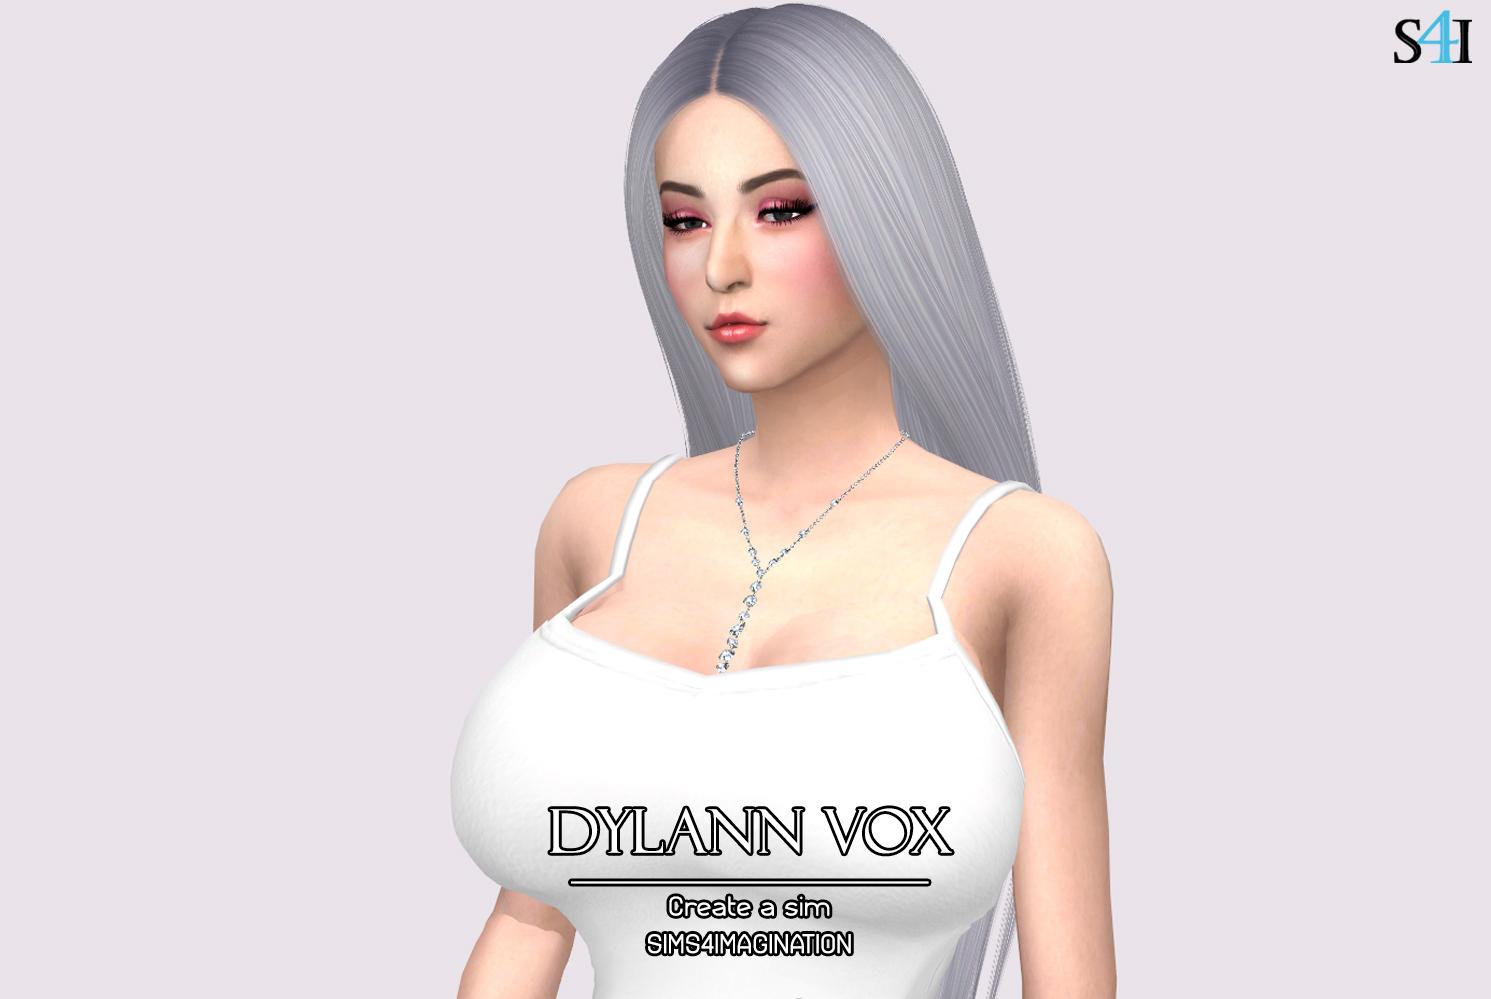 Dylann Vox